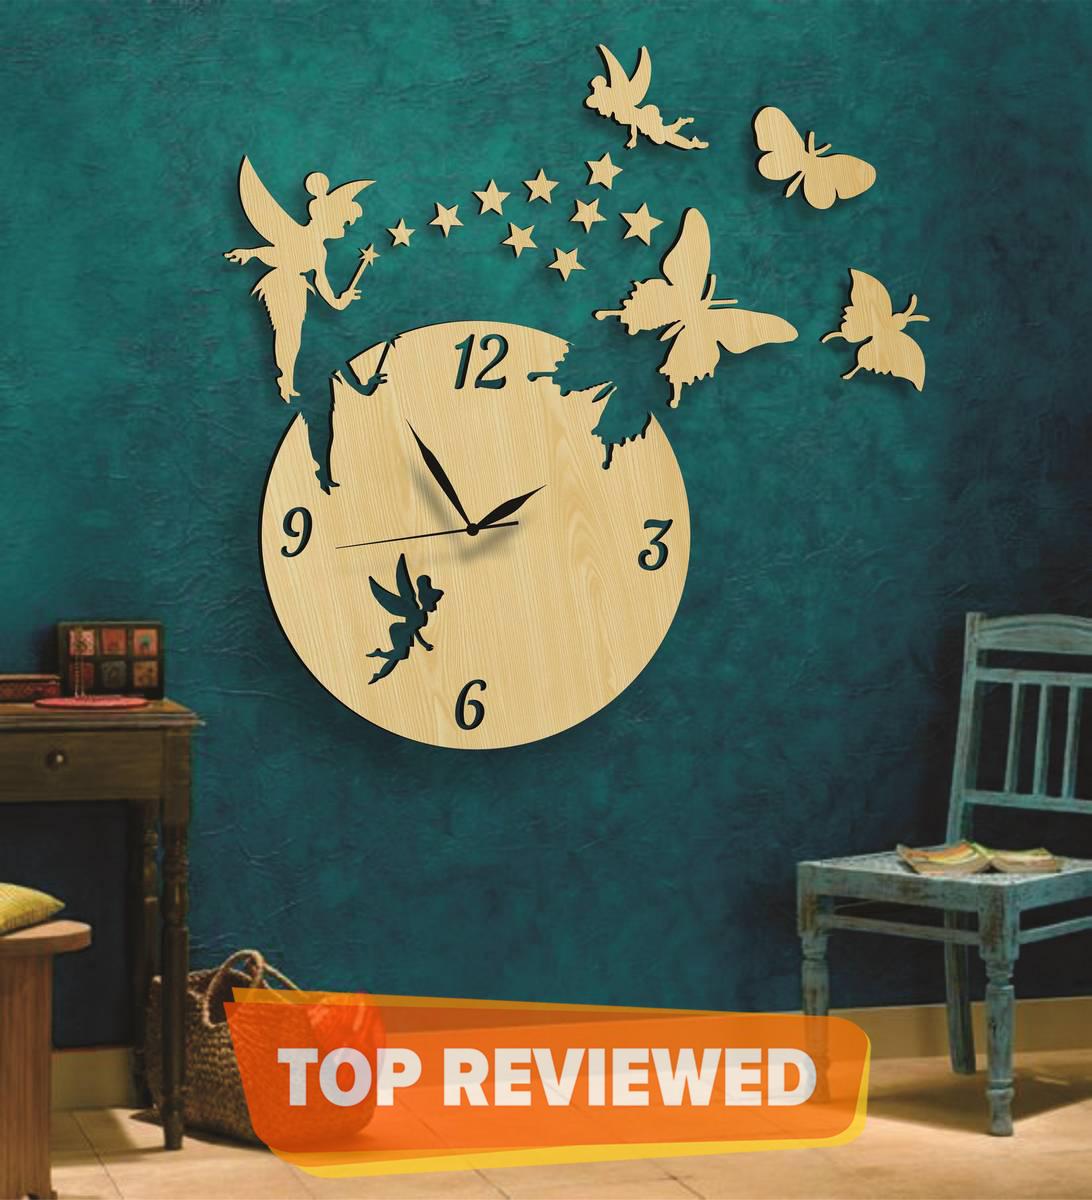 Wooden Wall Clock Fairy Home Decor Watches, Girls Favorite Fairy Wooden Wall Clock, 3D Laser Cut Wall Clock Fairy With Stars Butterflies